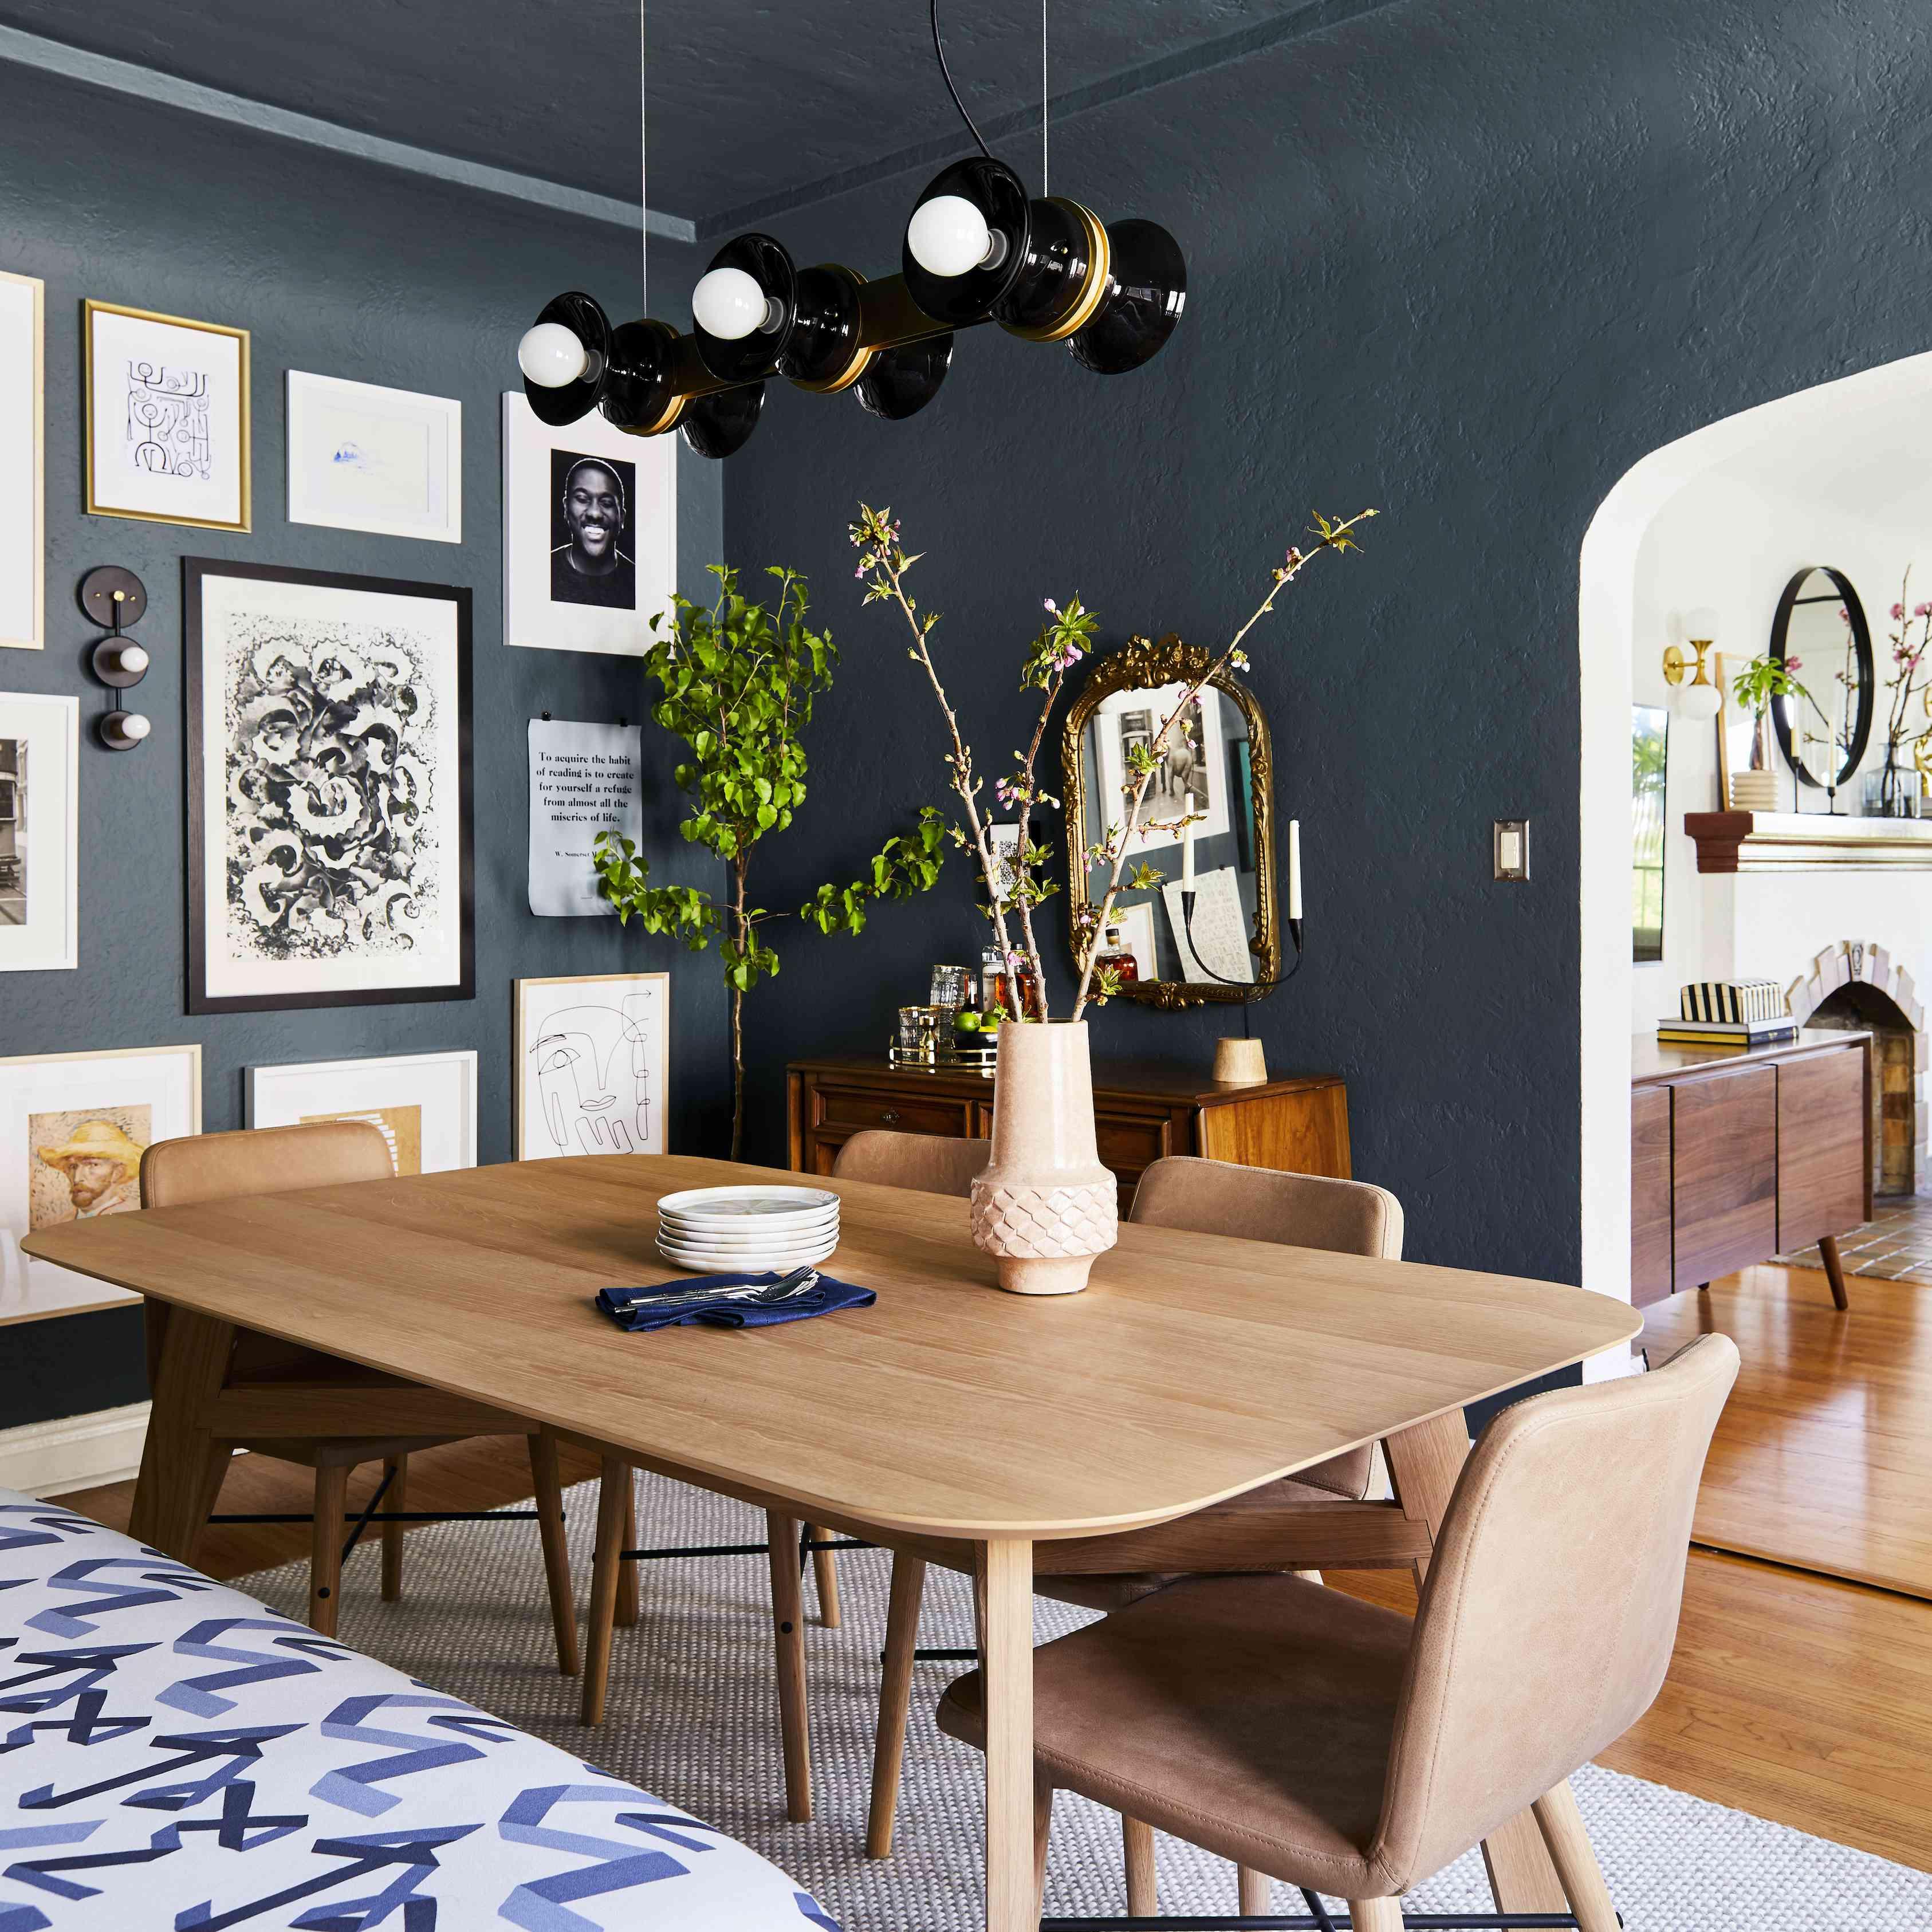 painted ceilings-emily henderson